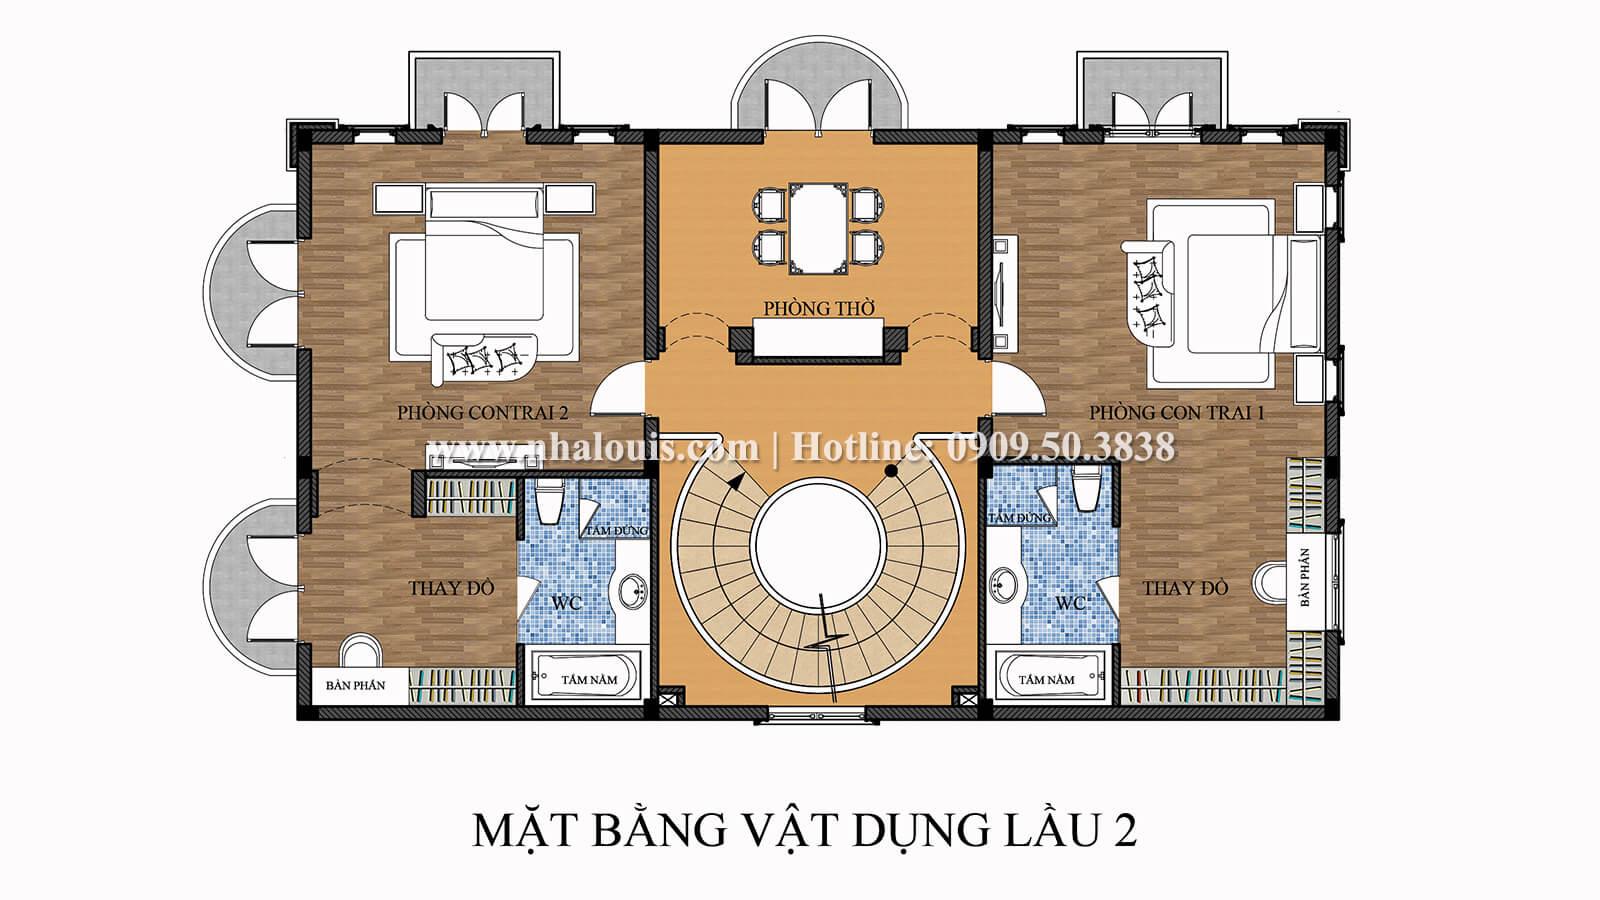 Mặt bằng tầng 2 Thiết kế biệt thự 9x15m cổ điển sang trọng tại Thanh Hóa